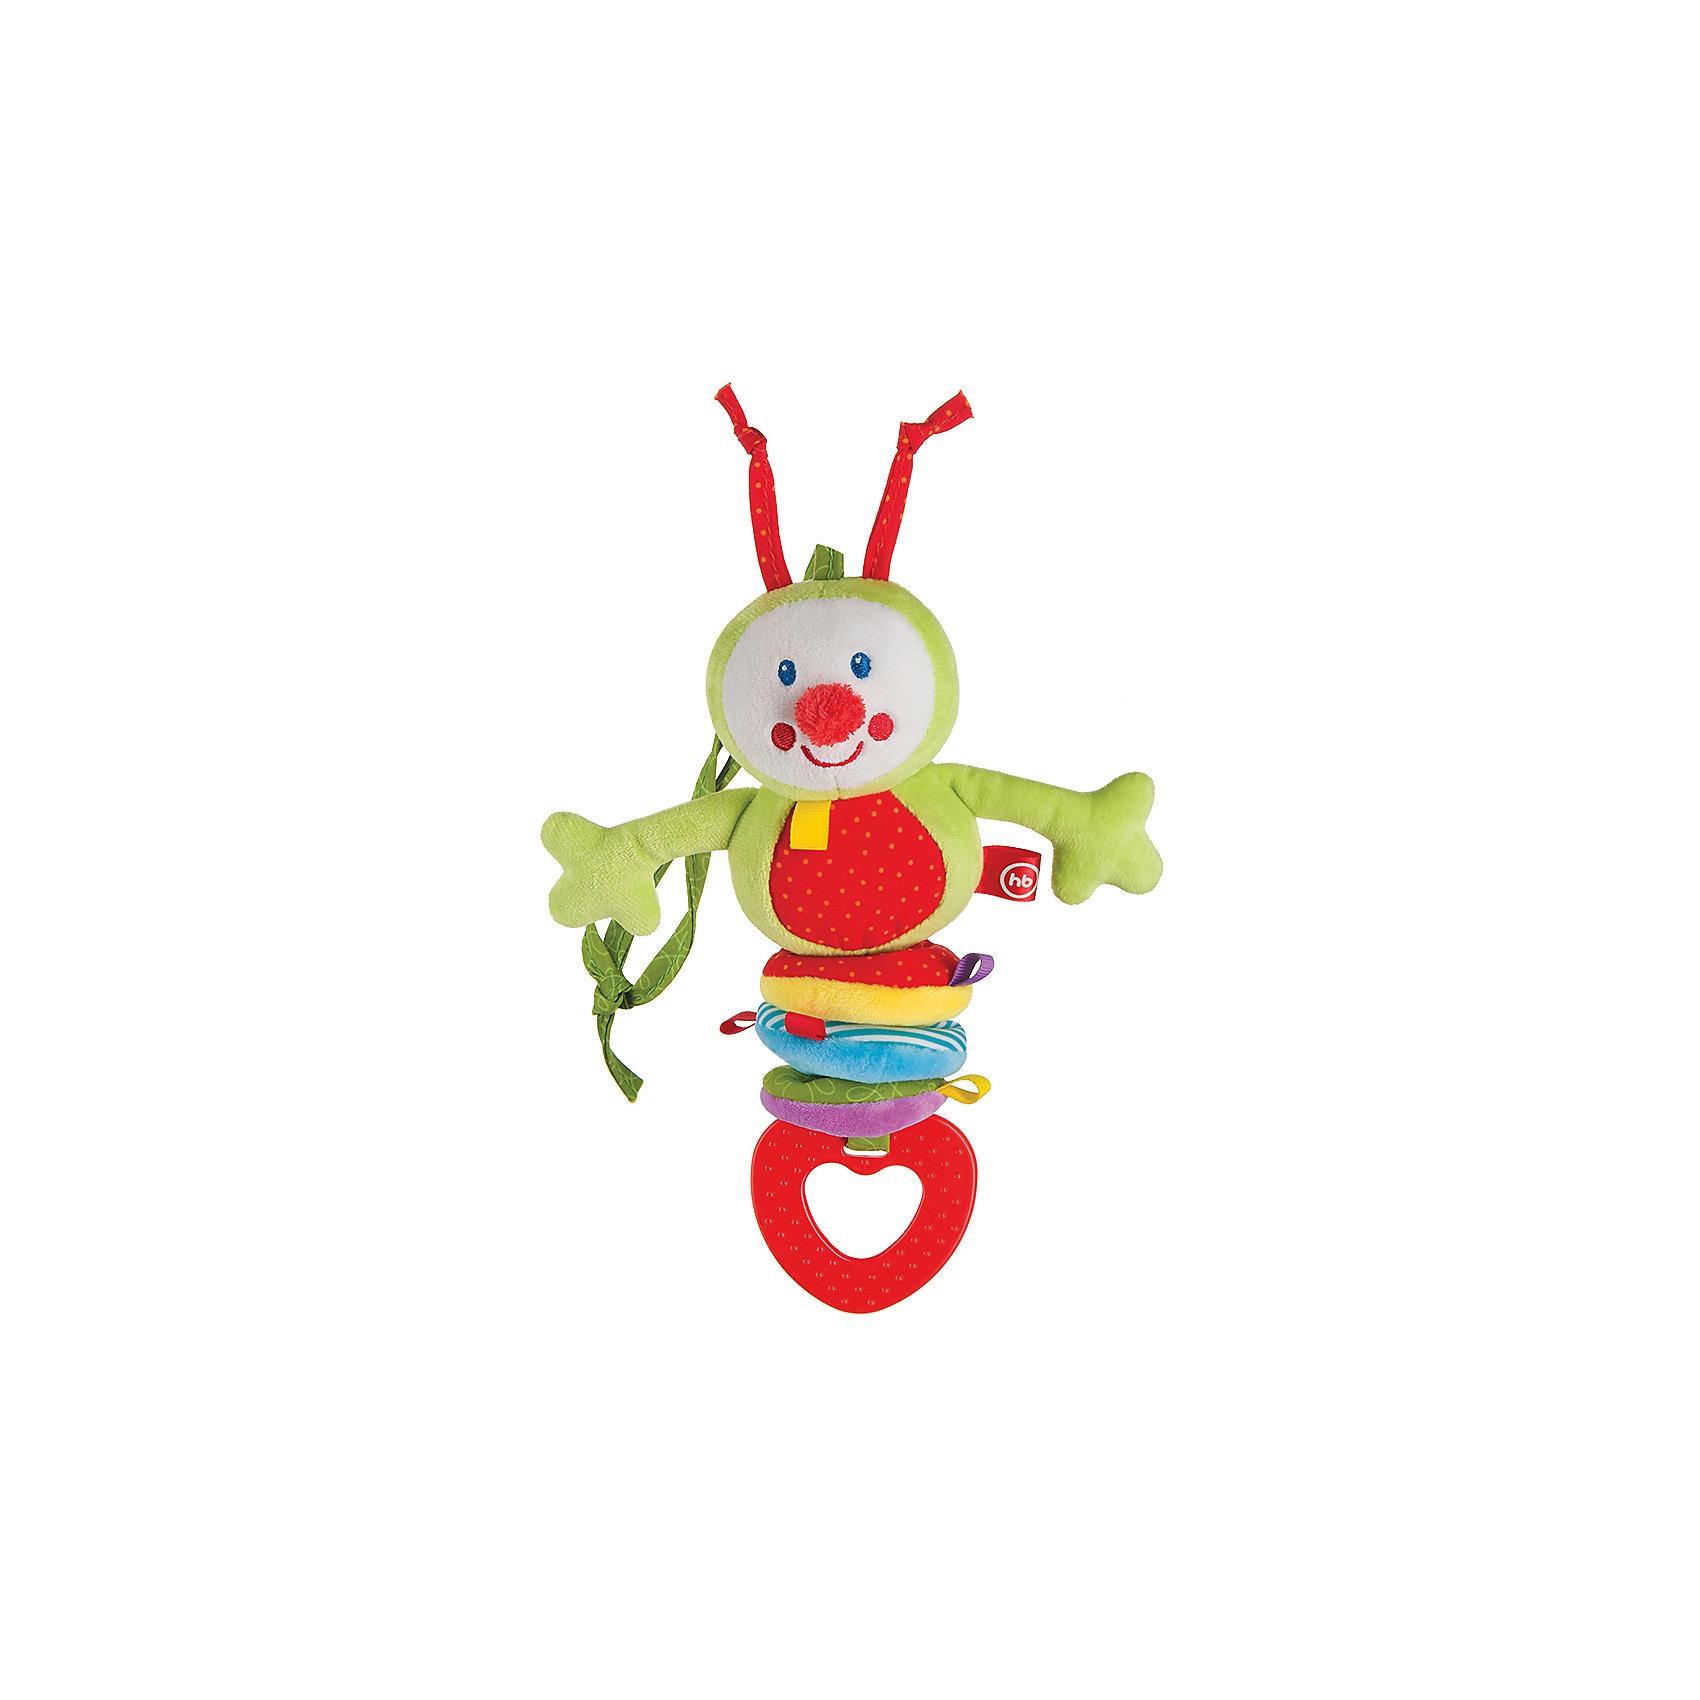 Игрушка-погремушка Chatty Caterpillar, Happy BabyПогремушки<br>Весёлая вибрирующая игрушка-погремушка CHATTY CATERPILLAR не оставит ребёнка равнодушным. Удобные завязки позволяют крепить игрушку на кроватку, коляску, автомобильное кресло, манеж, дуги развивающего коврика и другие предметы. Таким образом любимая игрушка будет везде путешествовать с малышом, радуя и поддерживая его во всех жизненных ситуациях.<br><br>Ширина мм: 58<br>Глубина мм: 120<br>Высота мм: 300<br>Вес г: 96<br>Возраст от месяцев: 0<br>Возраст до месяцев: 18<br>Пол: Унисекс<br>Возраст: Детский<br>SKU: 5621699